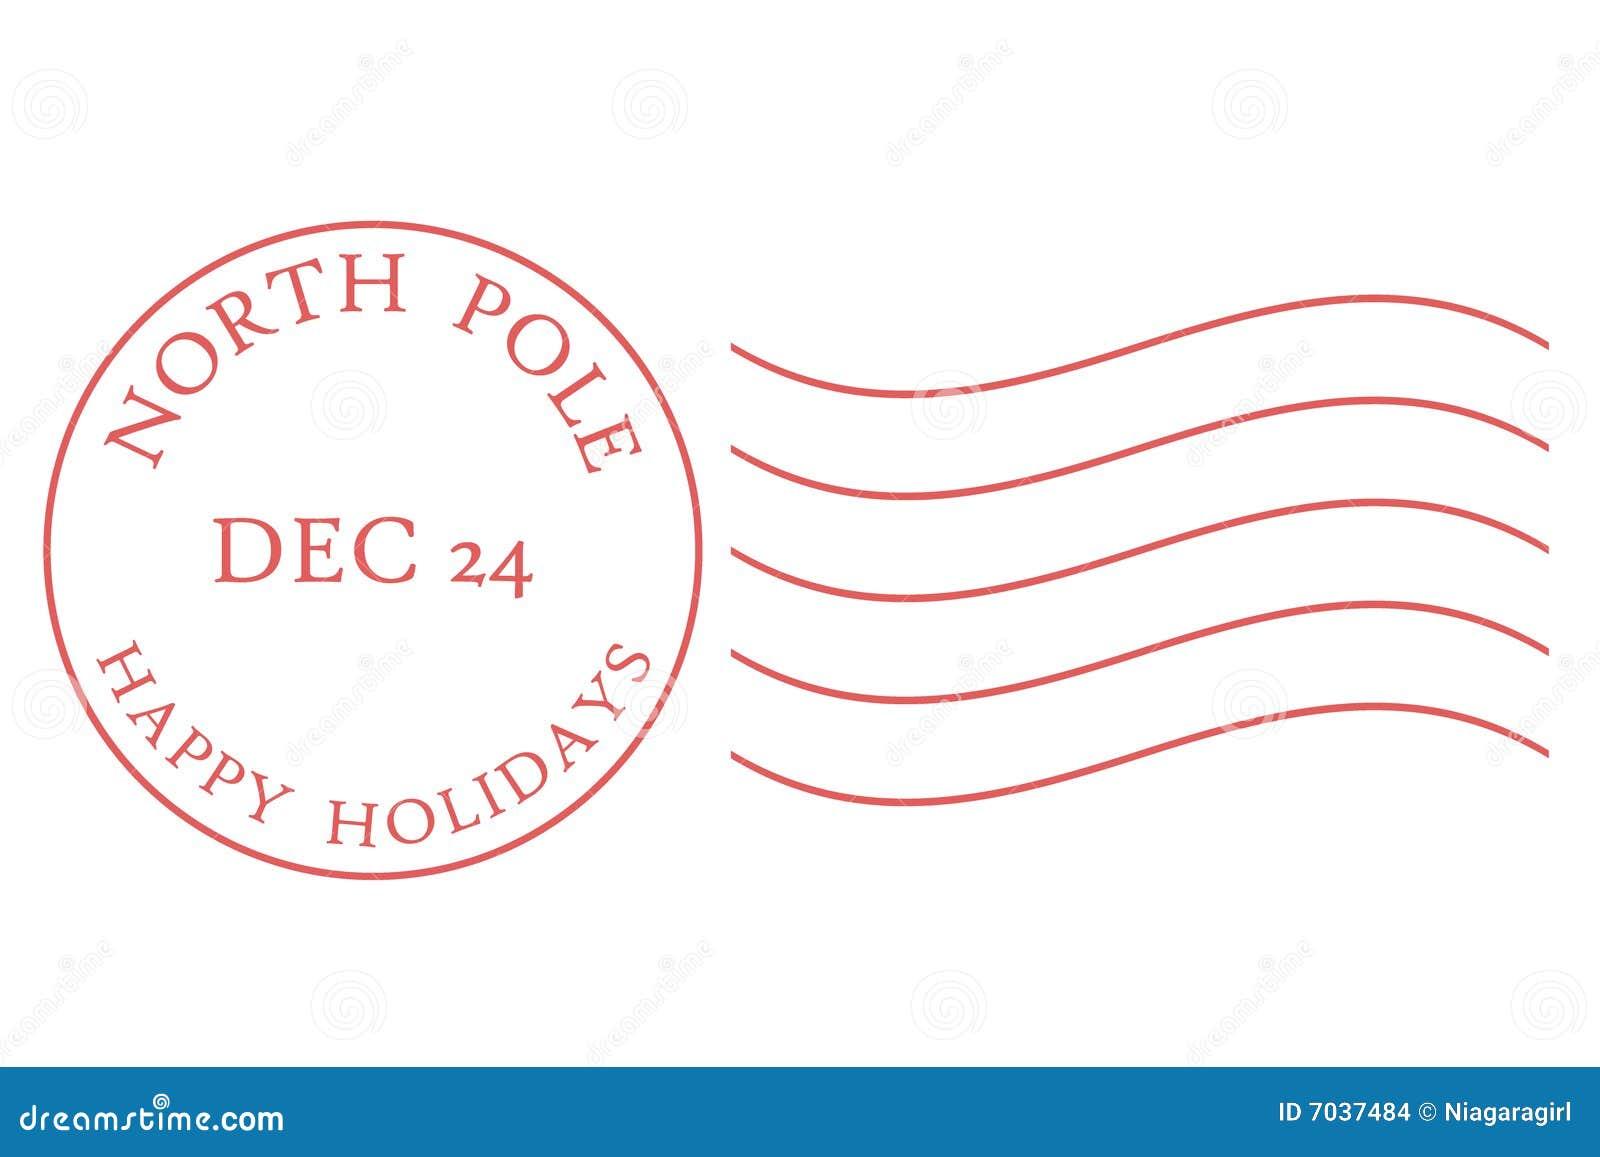 Italian handwritten postcard letter stock photo image 39254147 - Italian Handwritten Postcard Letter Stock Photo Image 39254147 Timbro Postale Del Polo Nord In Datato 24 Dicembre Rosso Smorzato